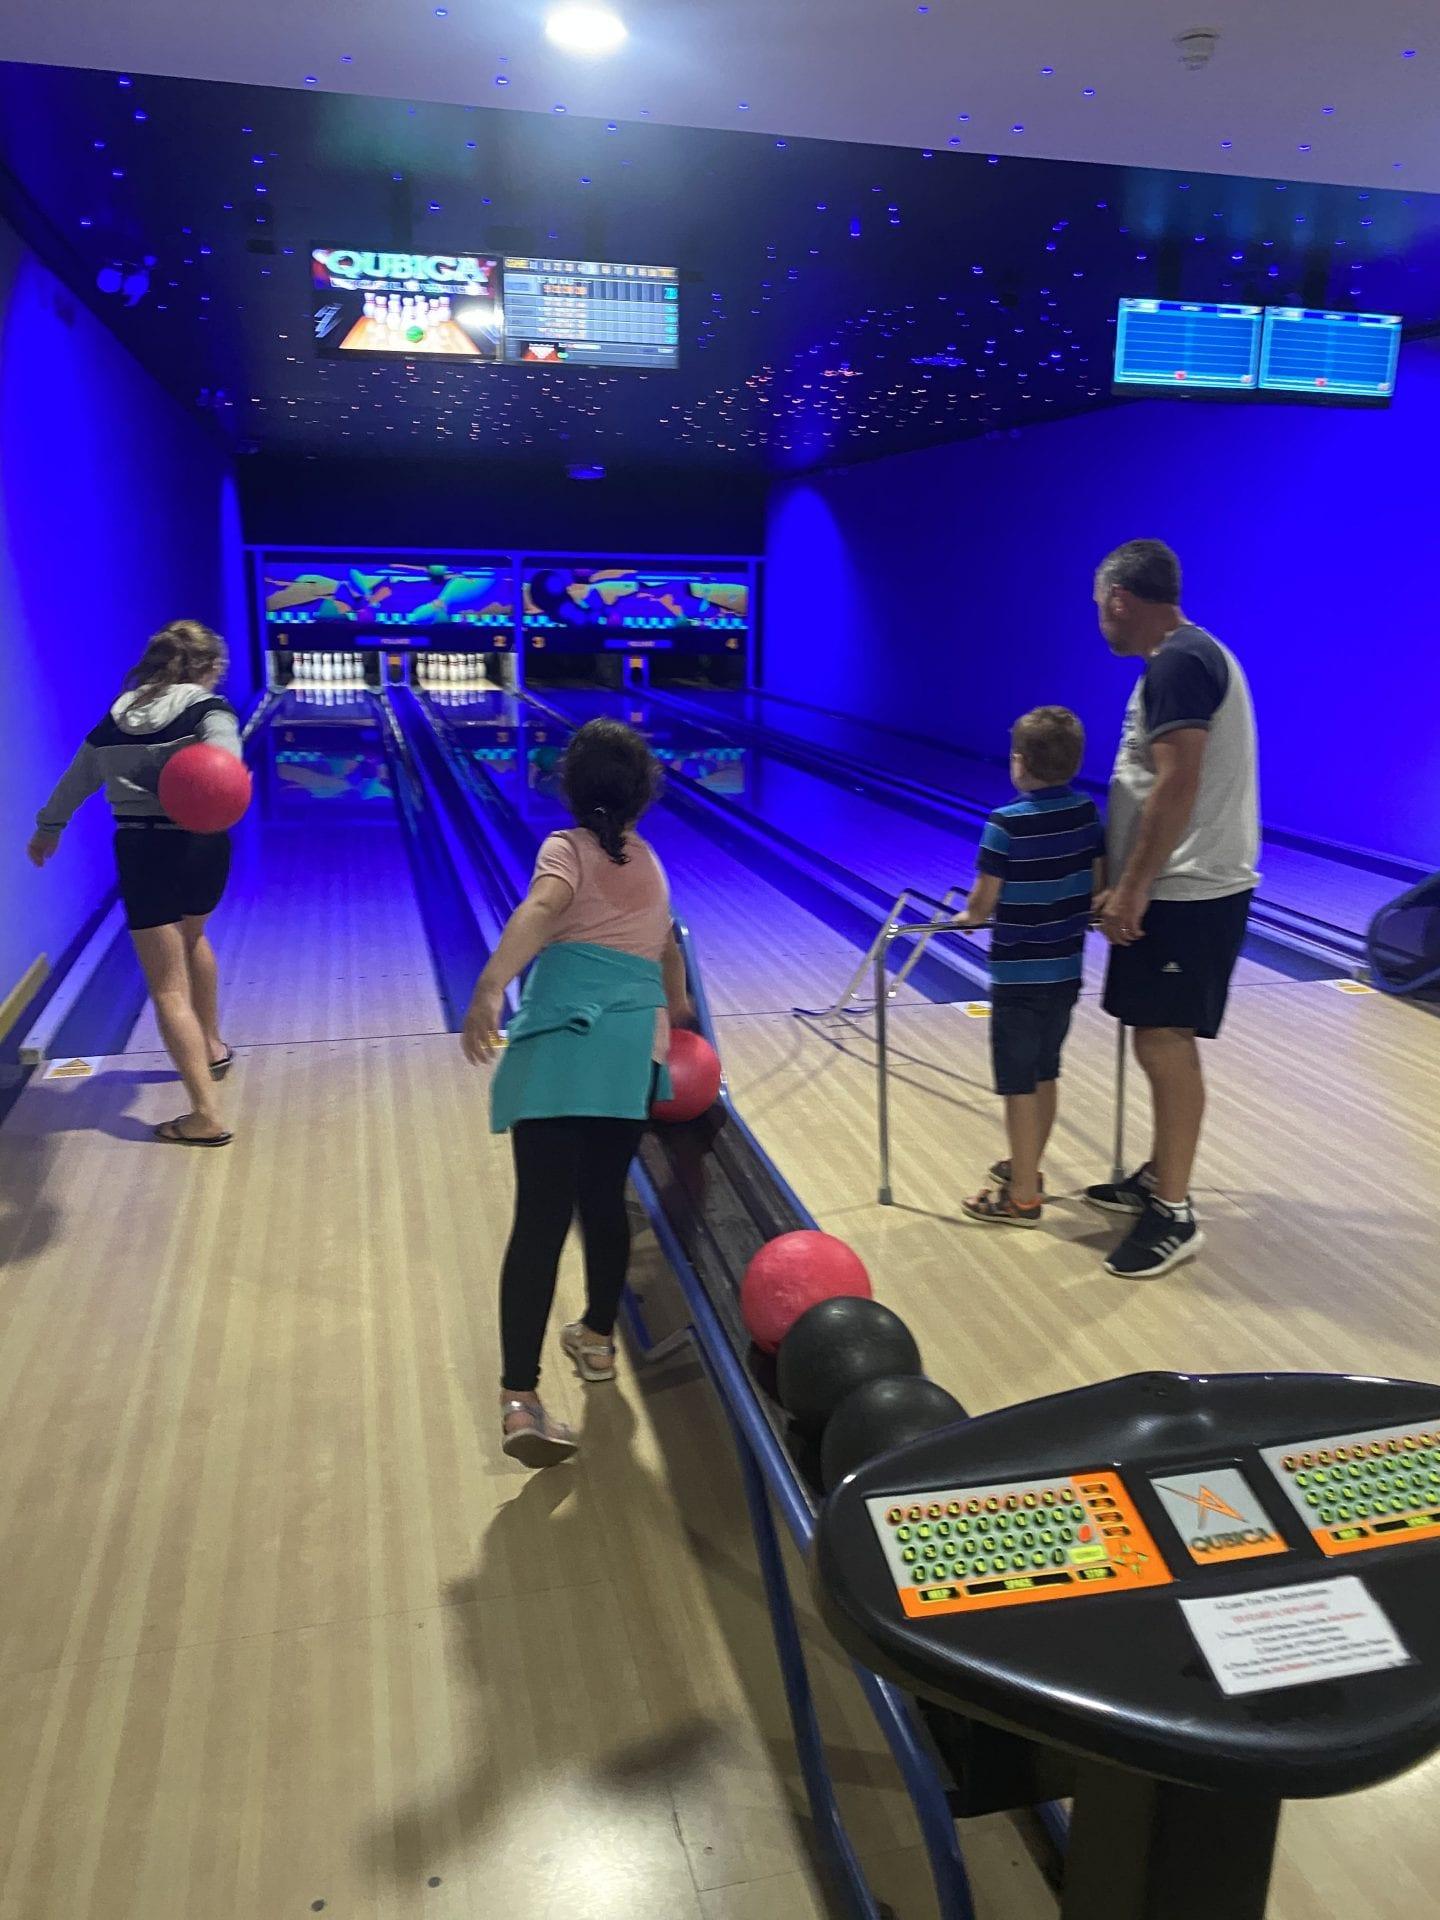 A family playing ten pin bowling